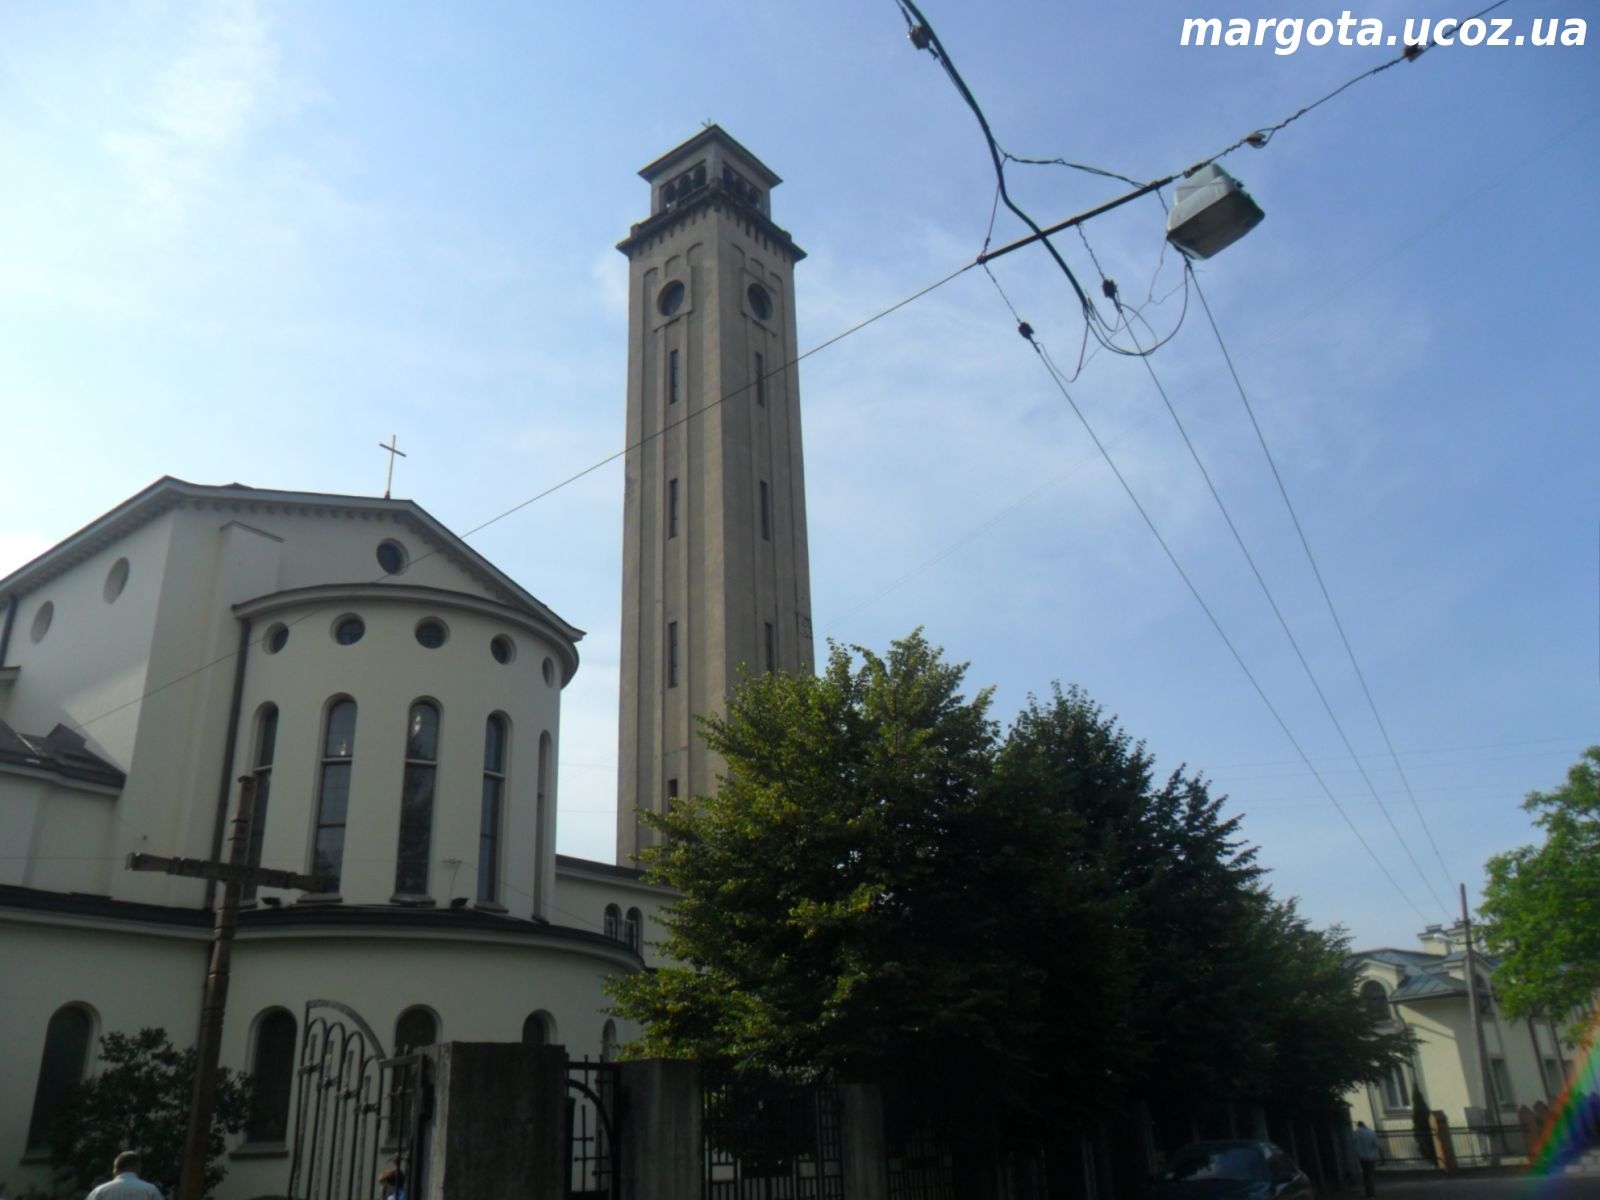 Церква Покрови Пресвятої Богородиці.